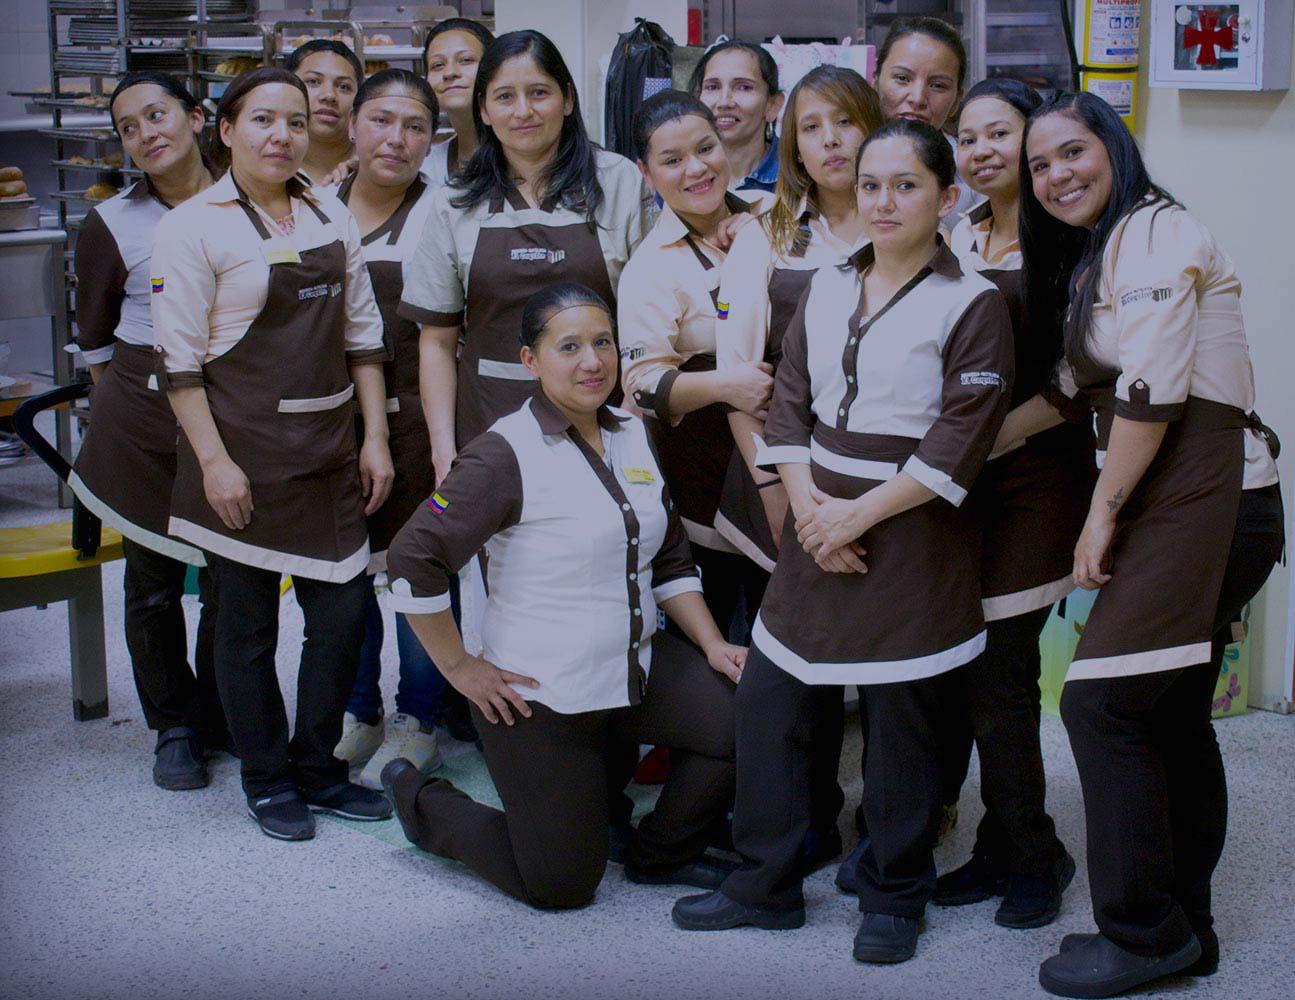 Colaboradoras ©panadería El Coquito